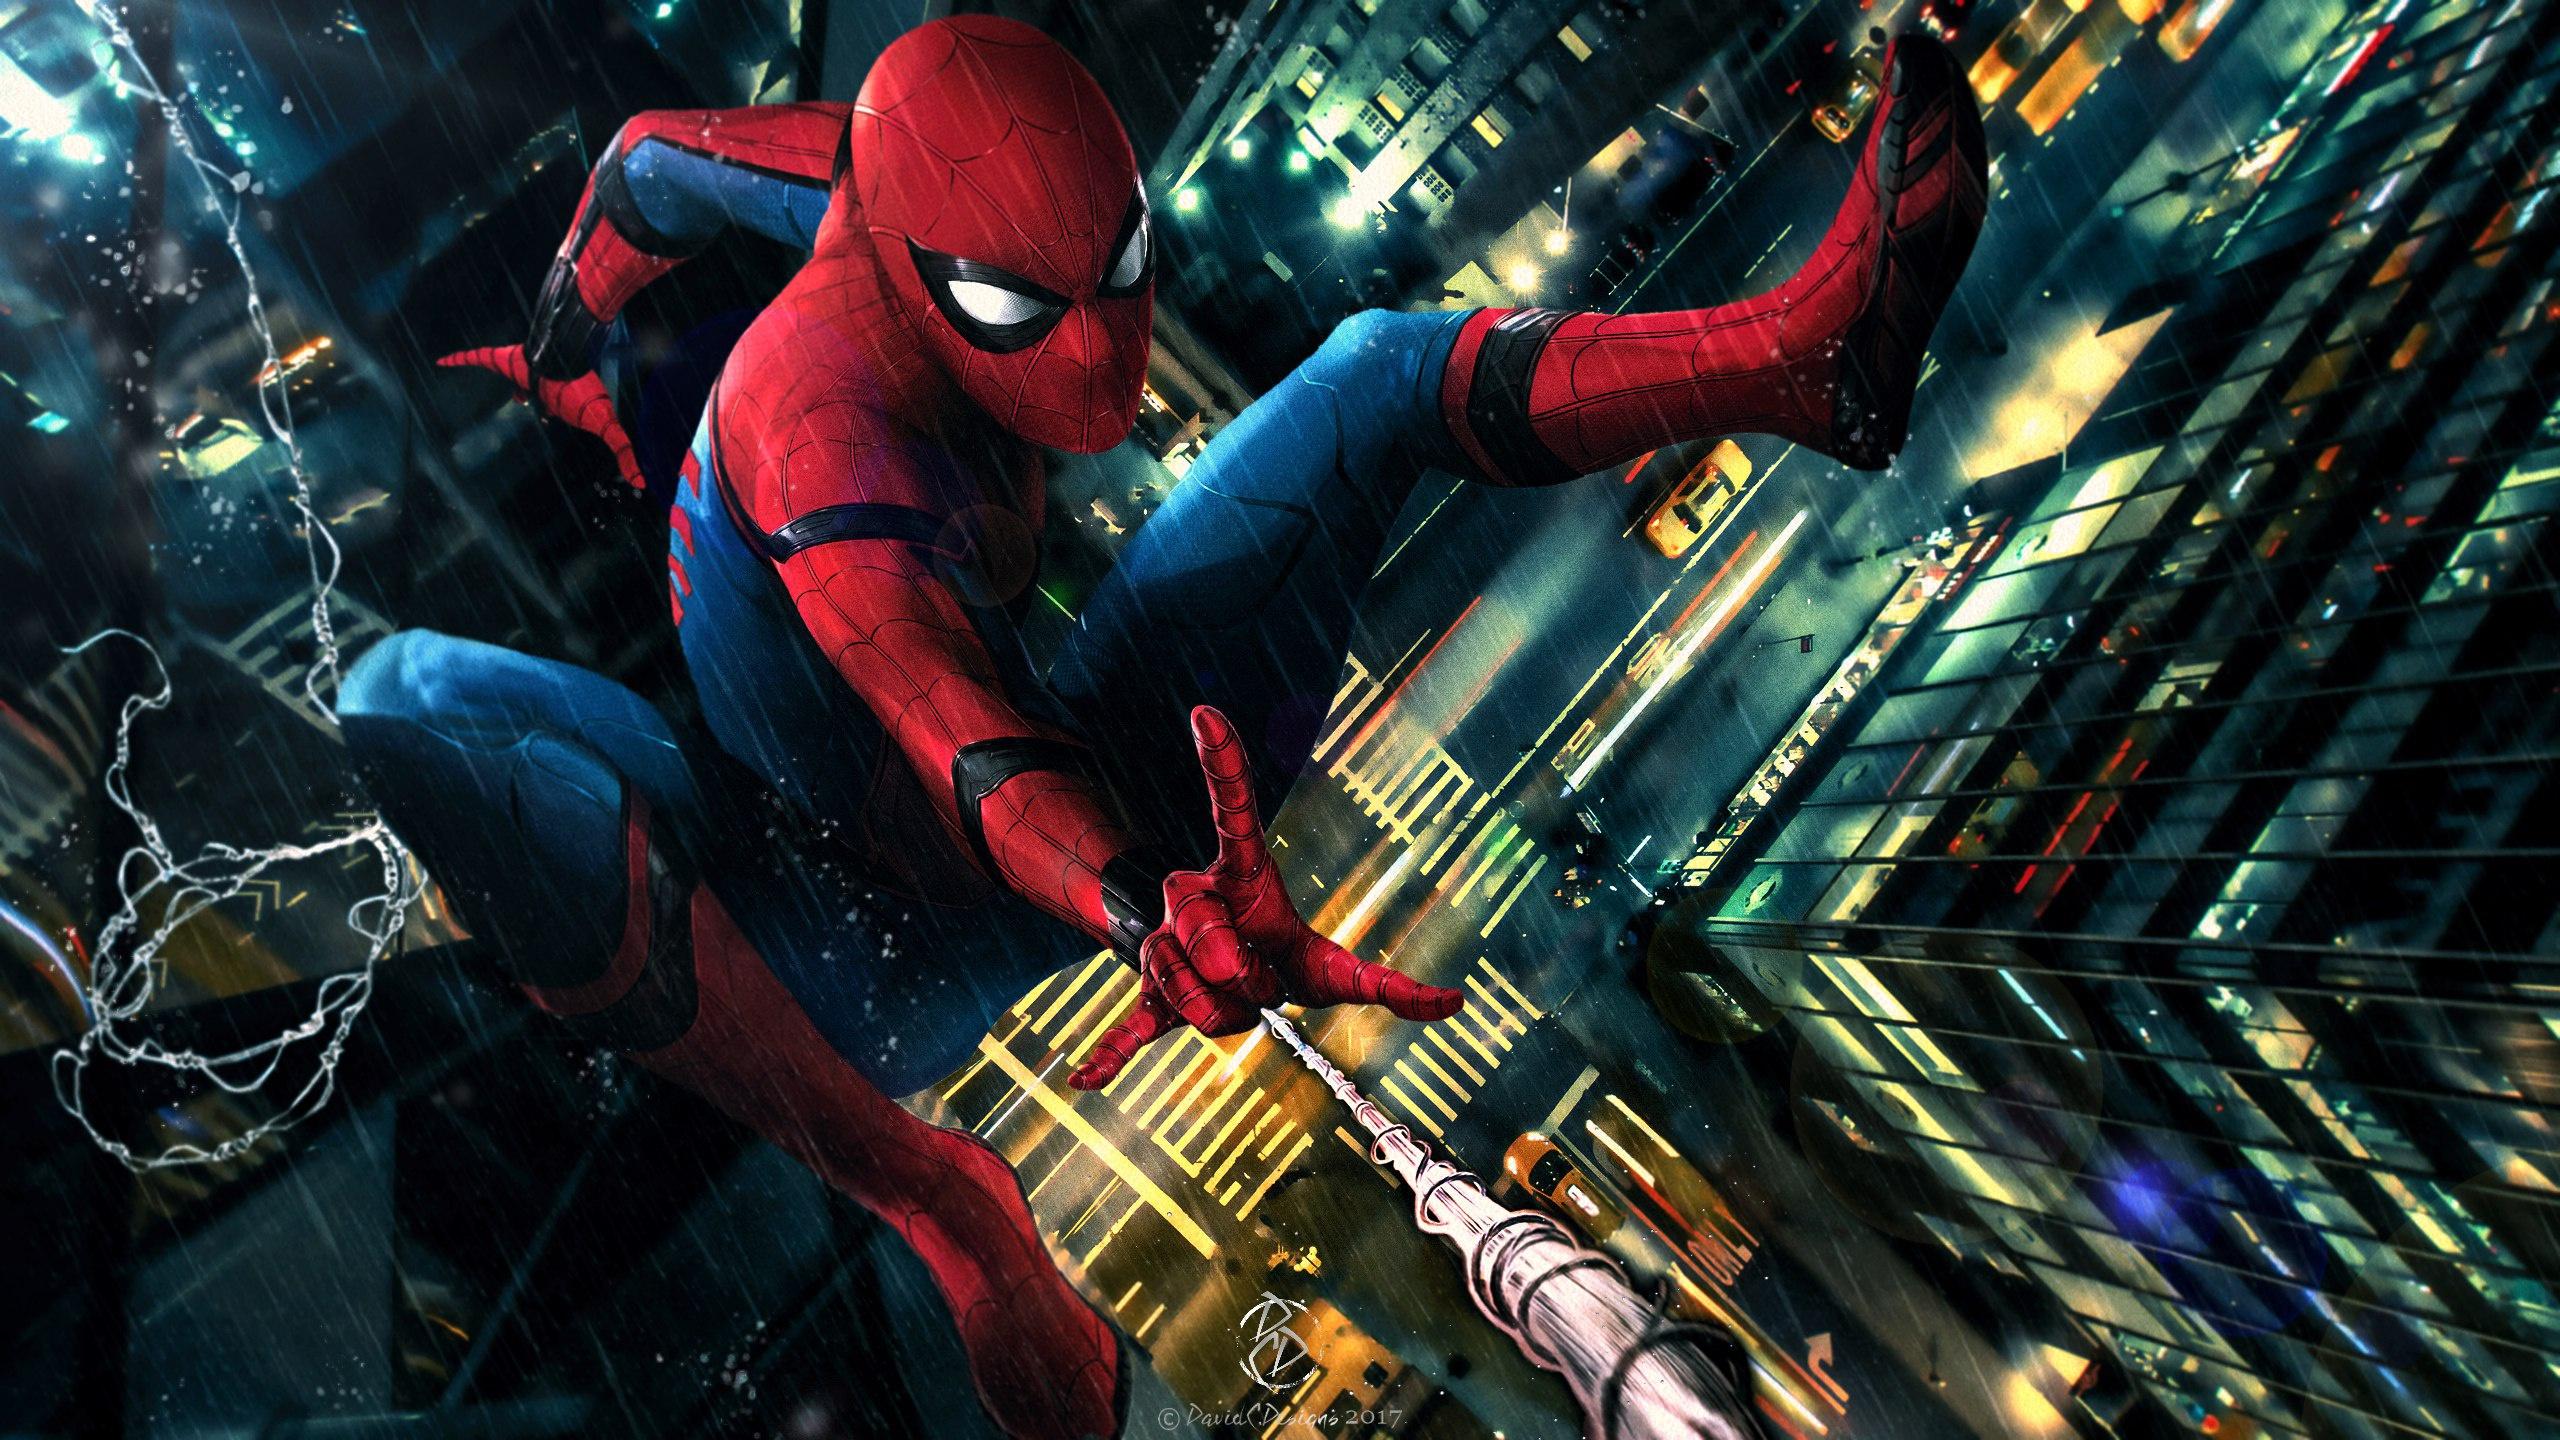 Человек паук возвращение на родину вентилятор искусство обои скачать